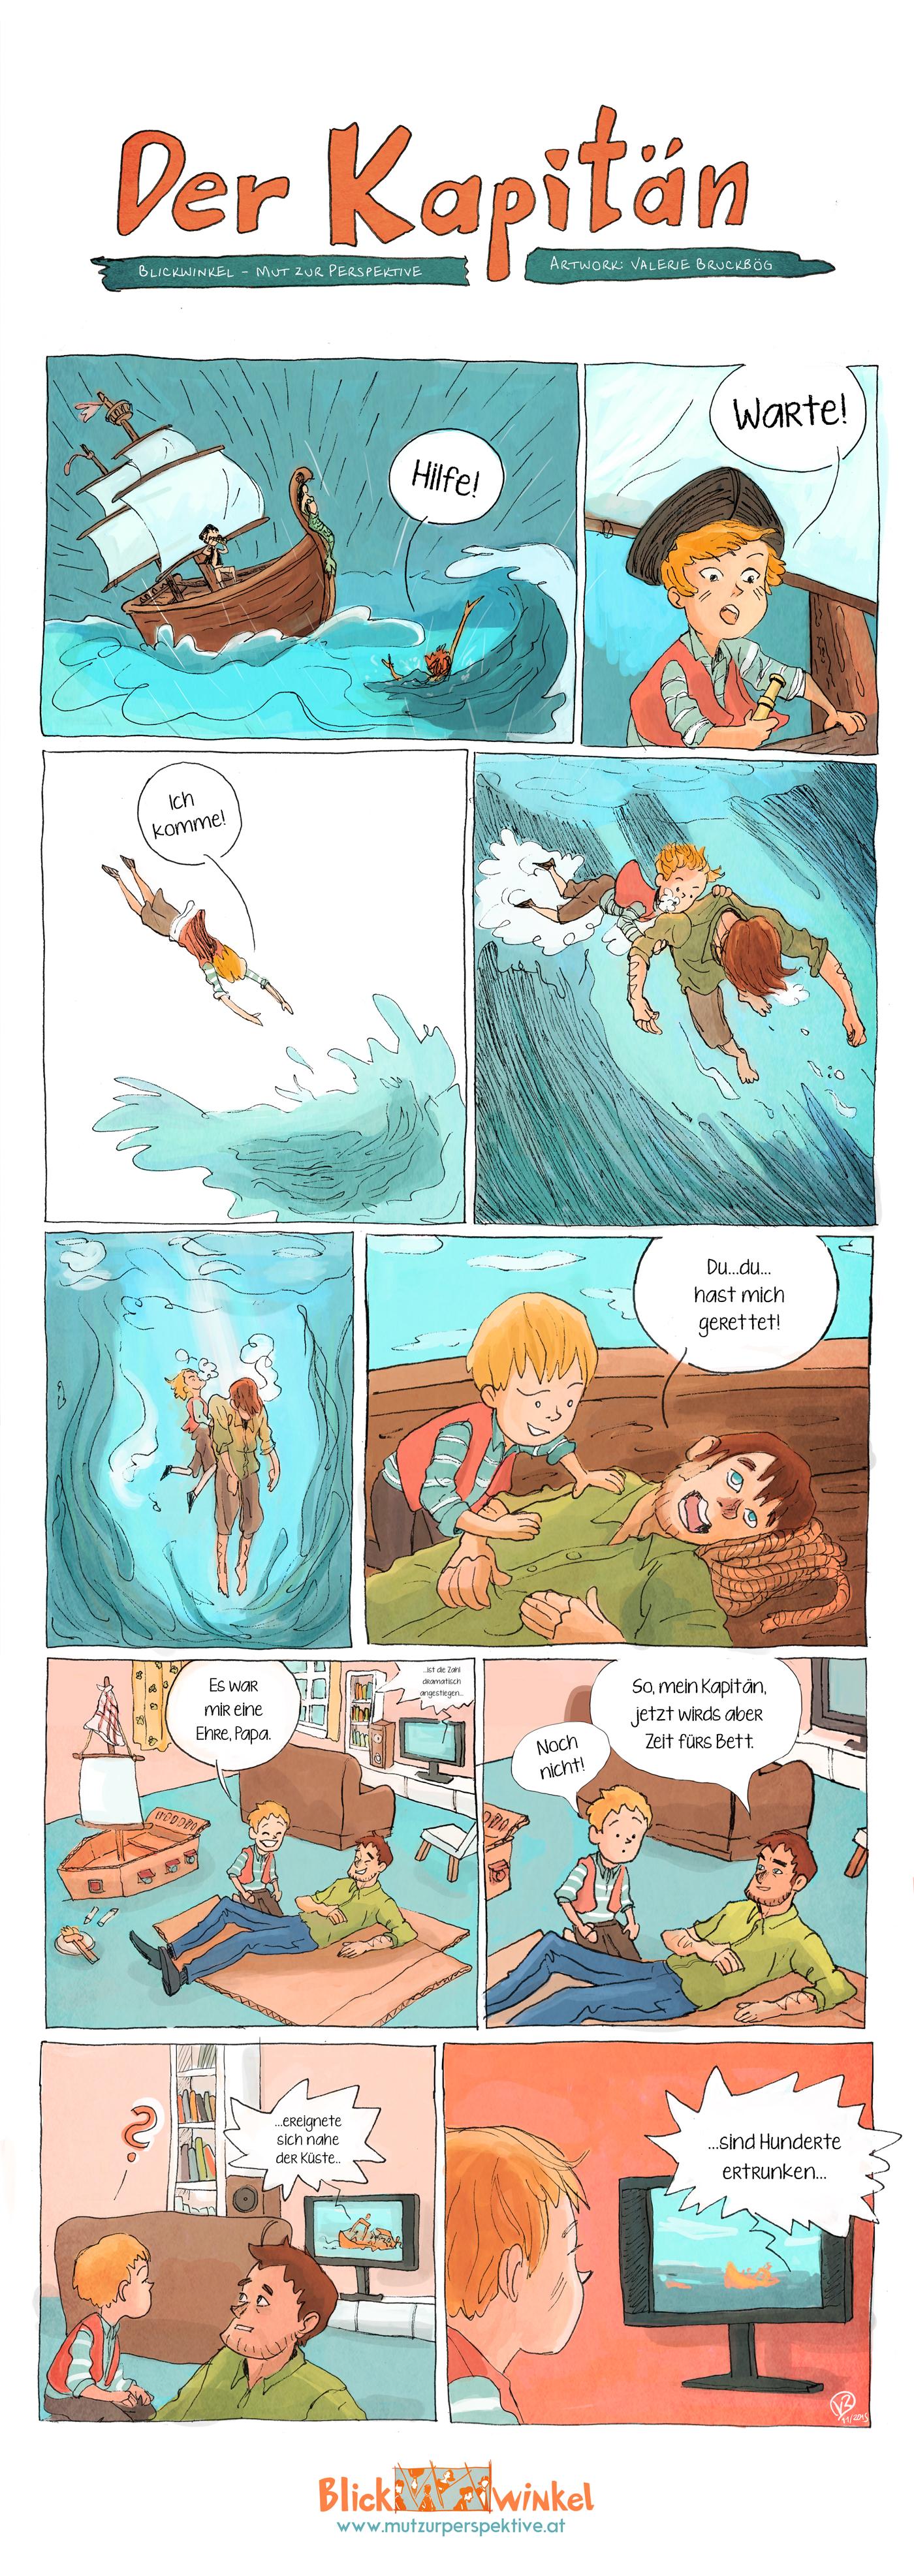 Ein kleiner Junge spielt Schiffskapitän auf dem Meer, rettet seinen Vater und sieht im Wohnzimmer die Nachrichten im Fernsehen.